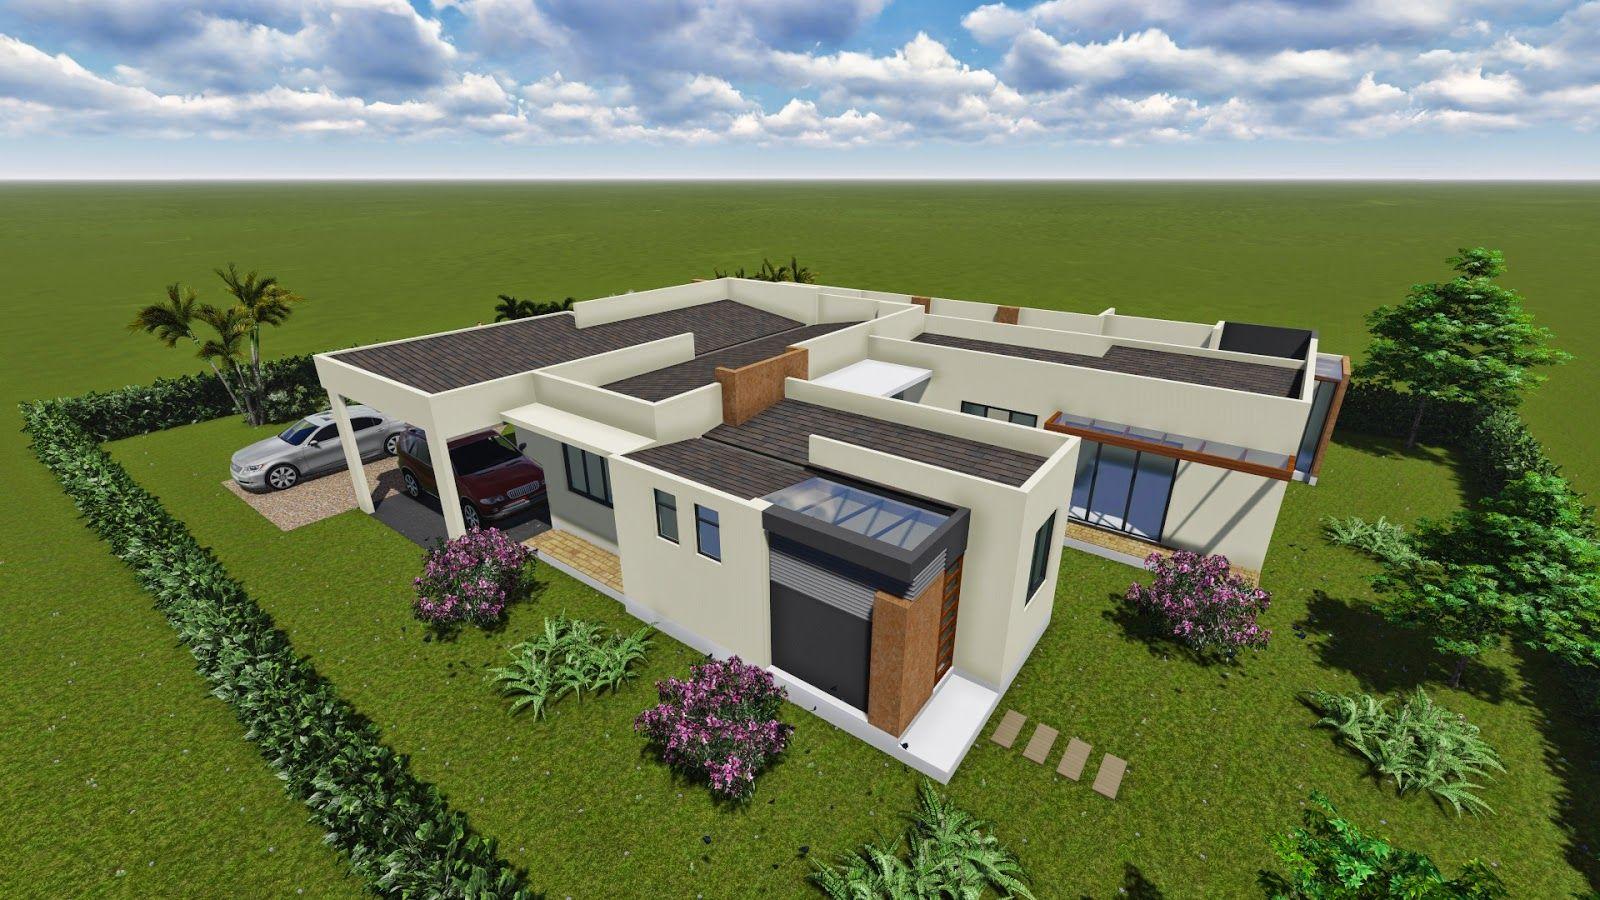 Casa campestre moderna buscar con google casas for Buscar casas modernas